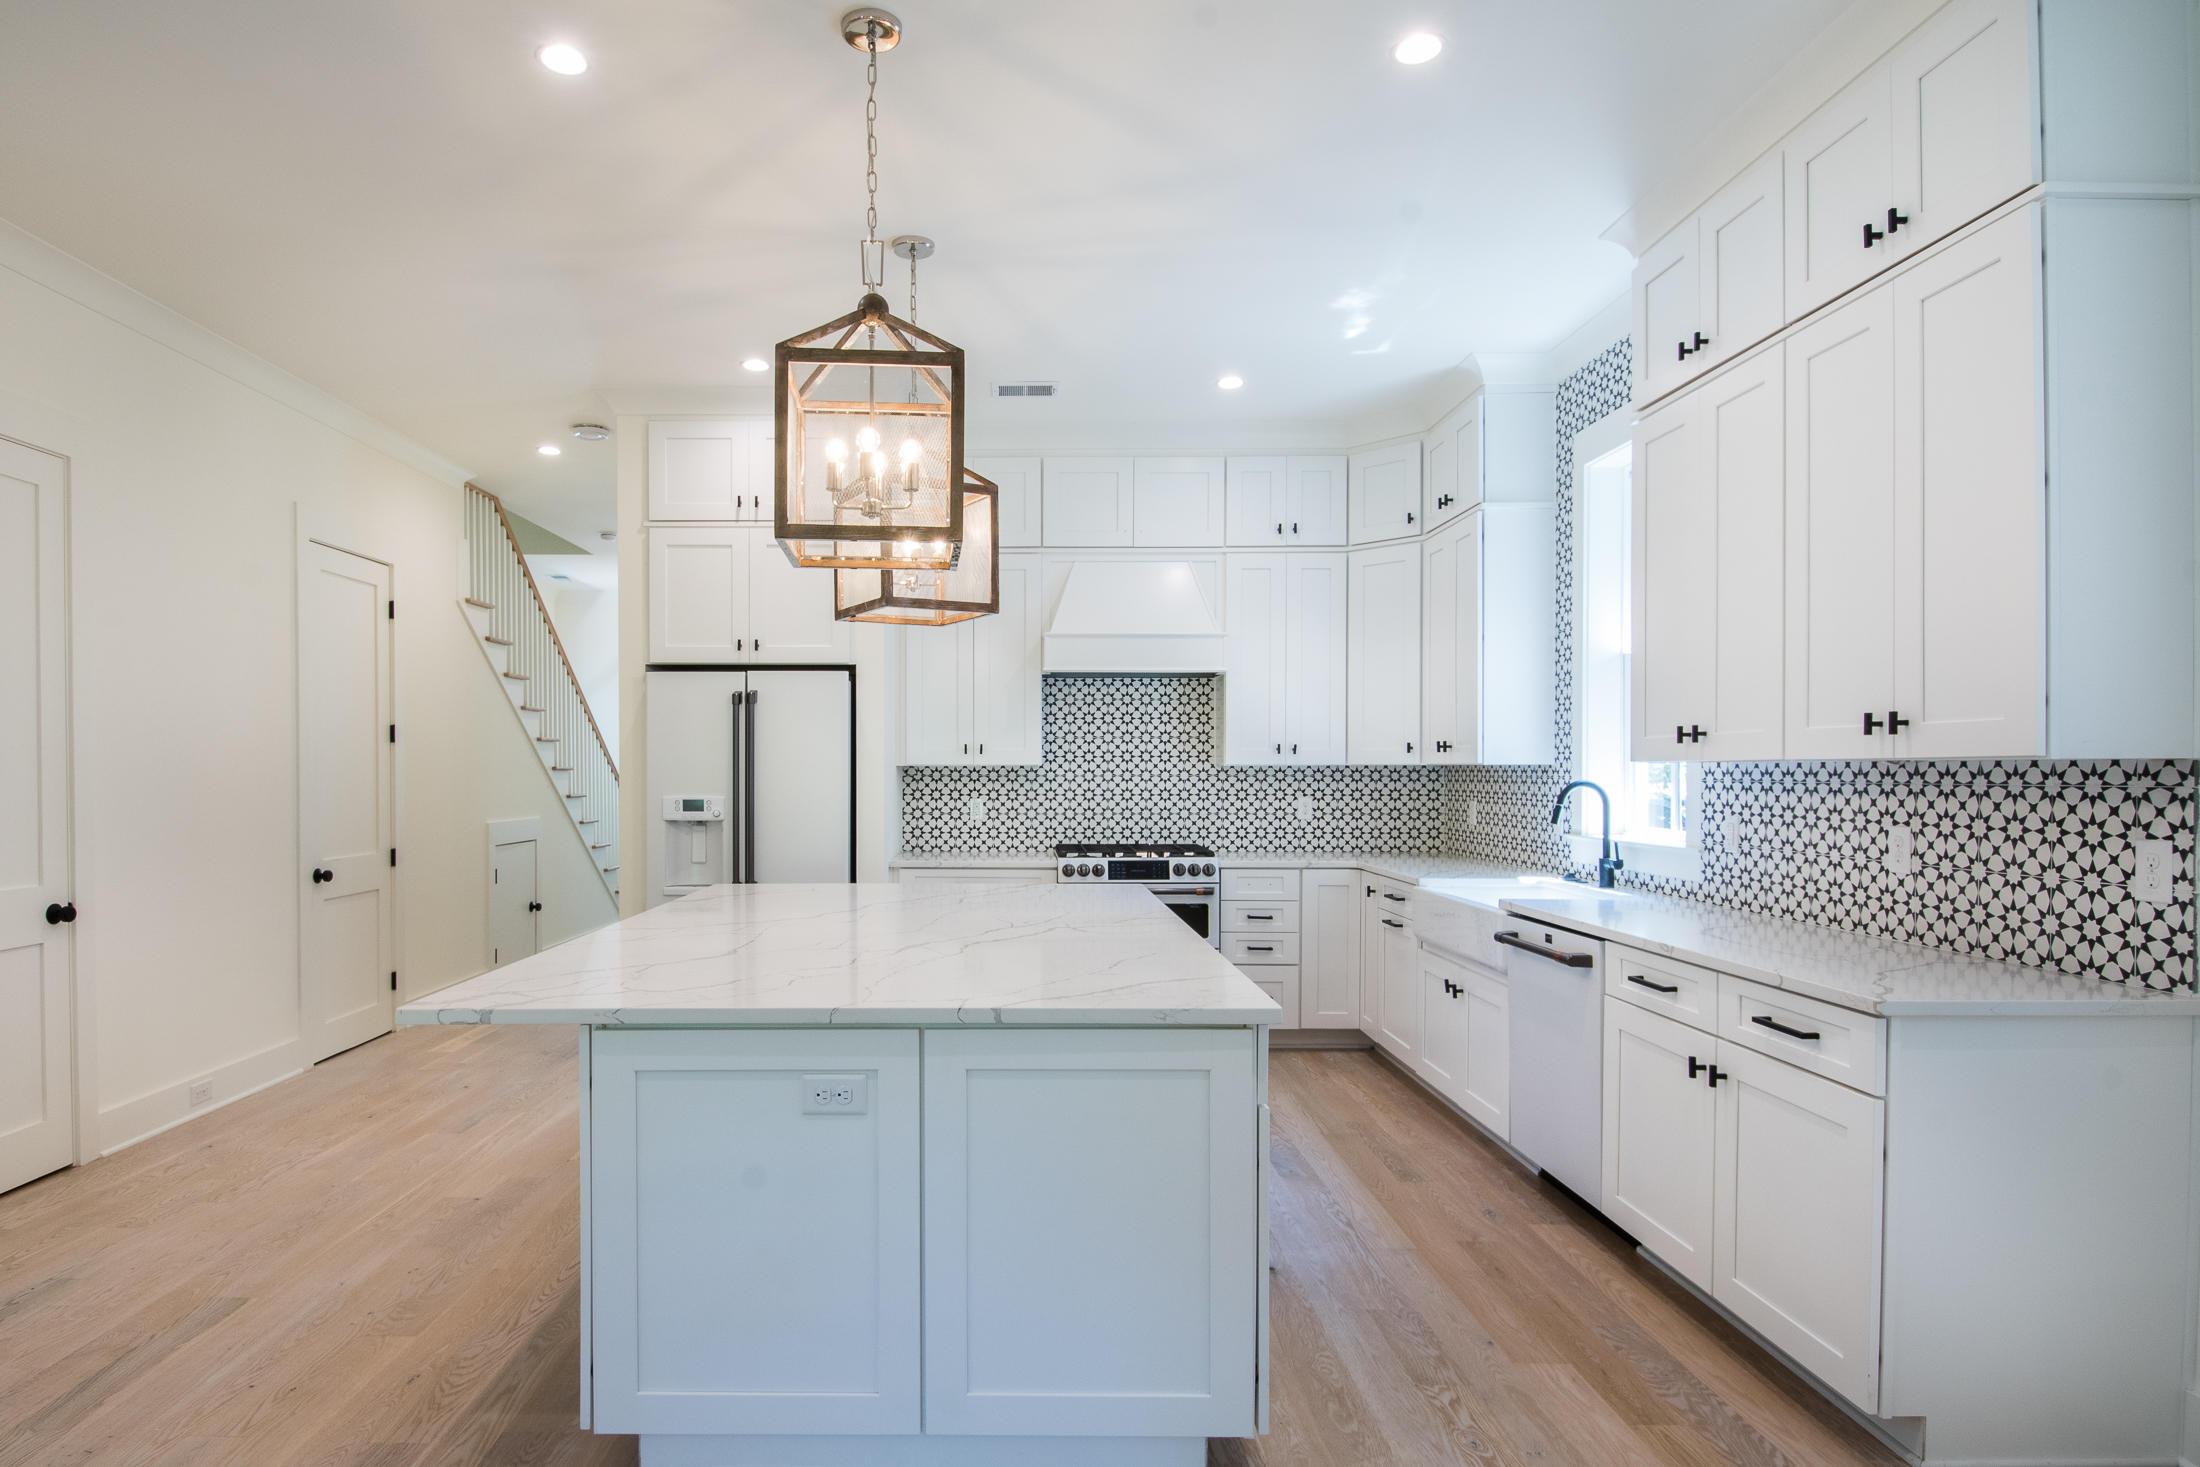 Phillips Park Homes For Sale - 1112 Phillips Park, Mount Pleasant, SC - 20